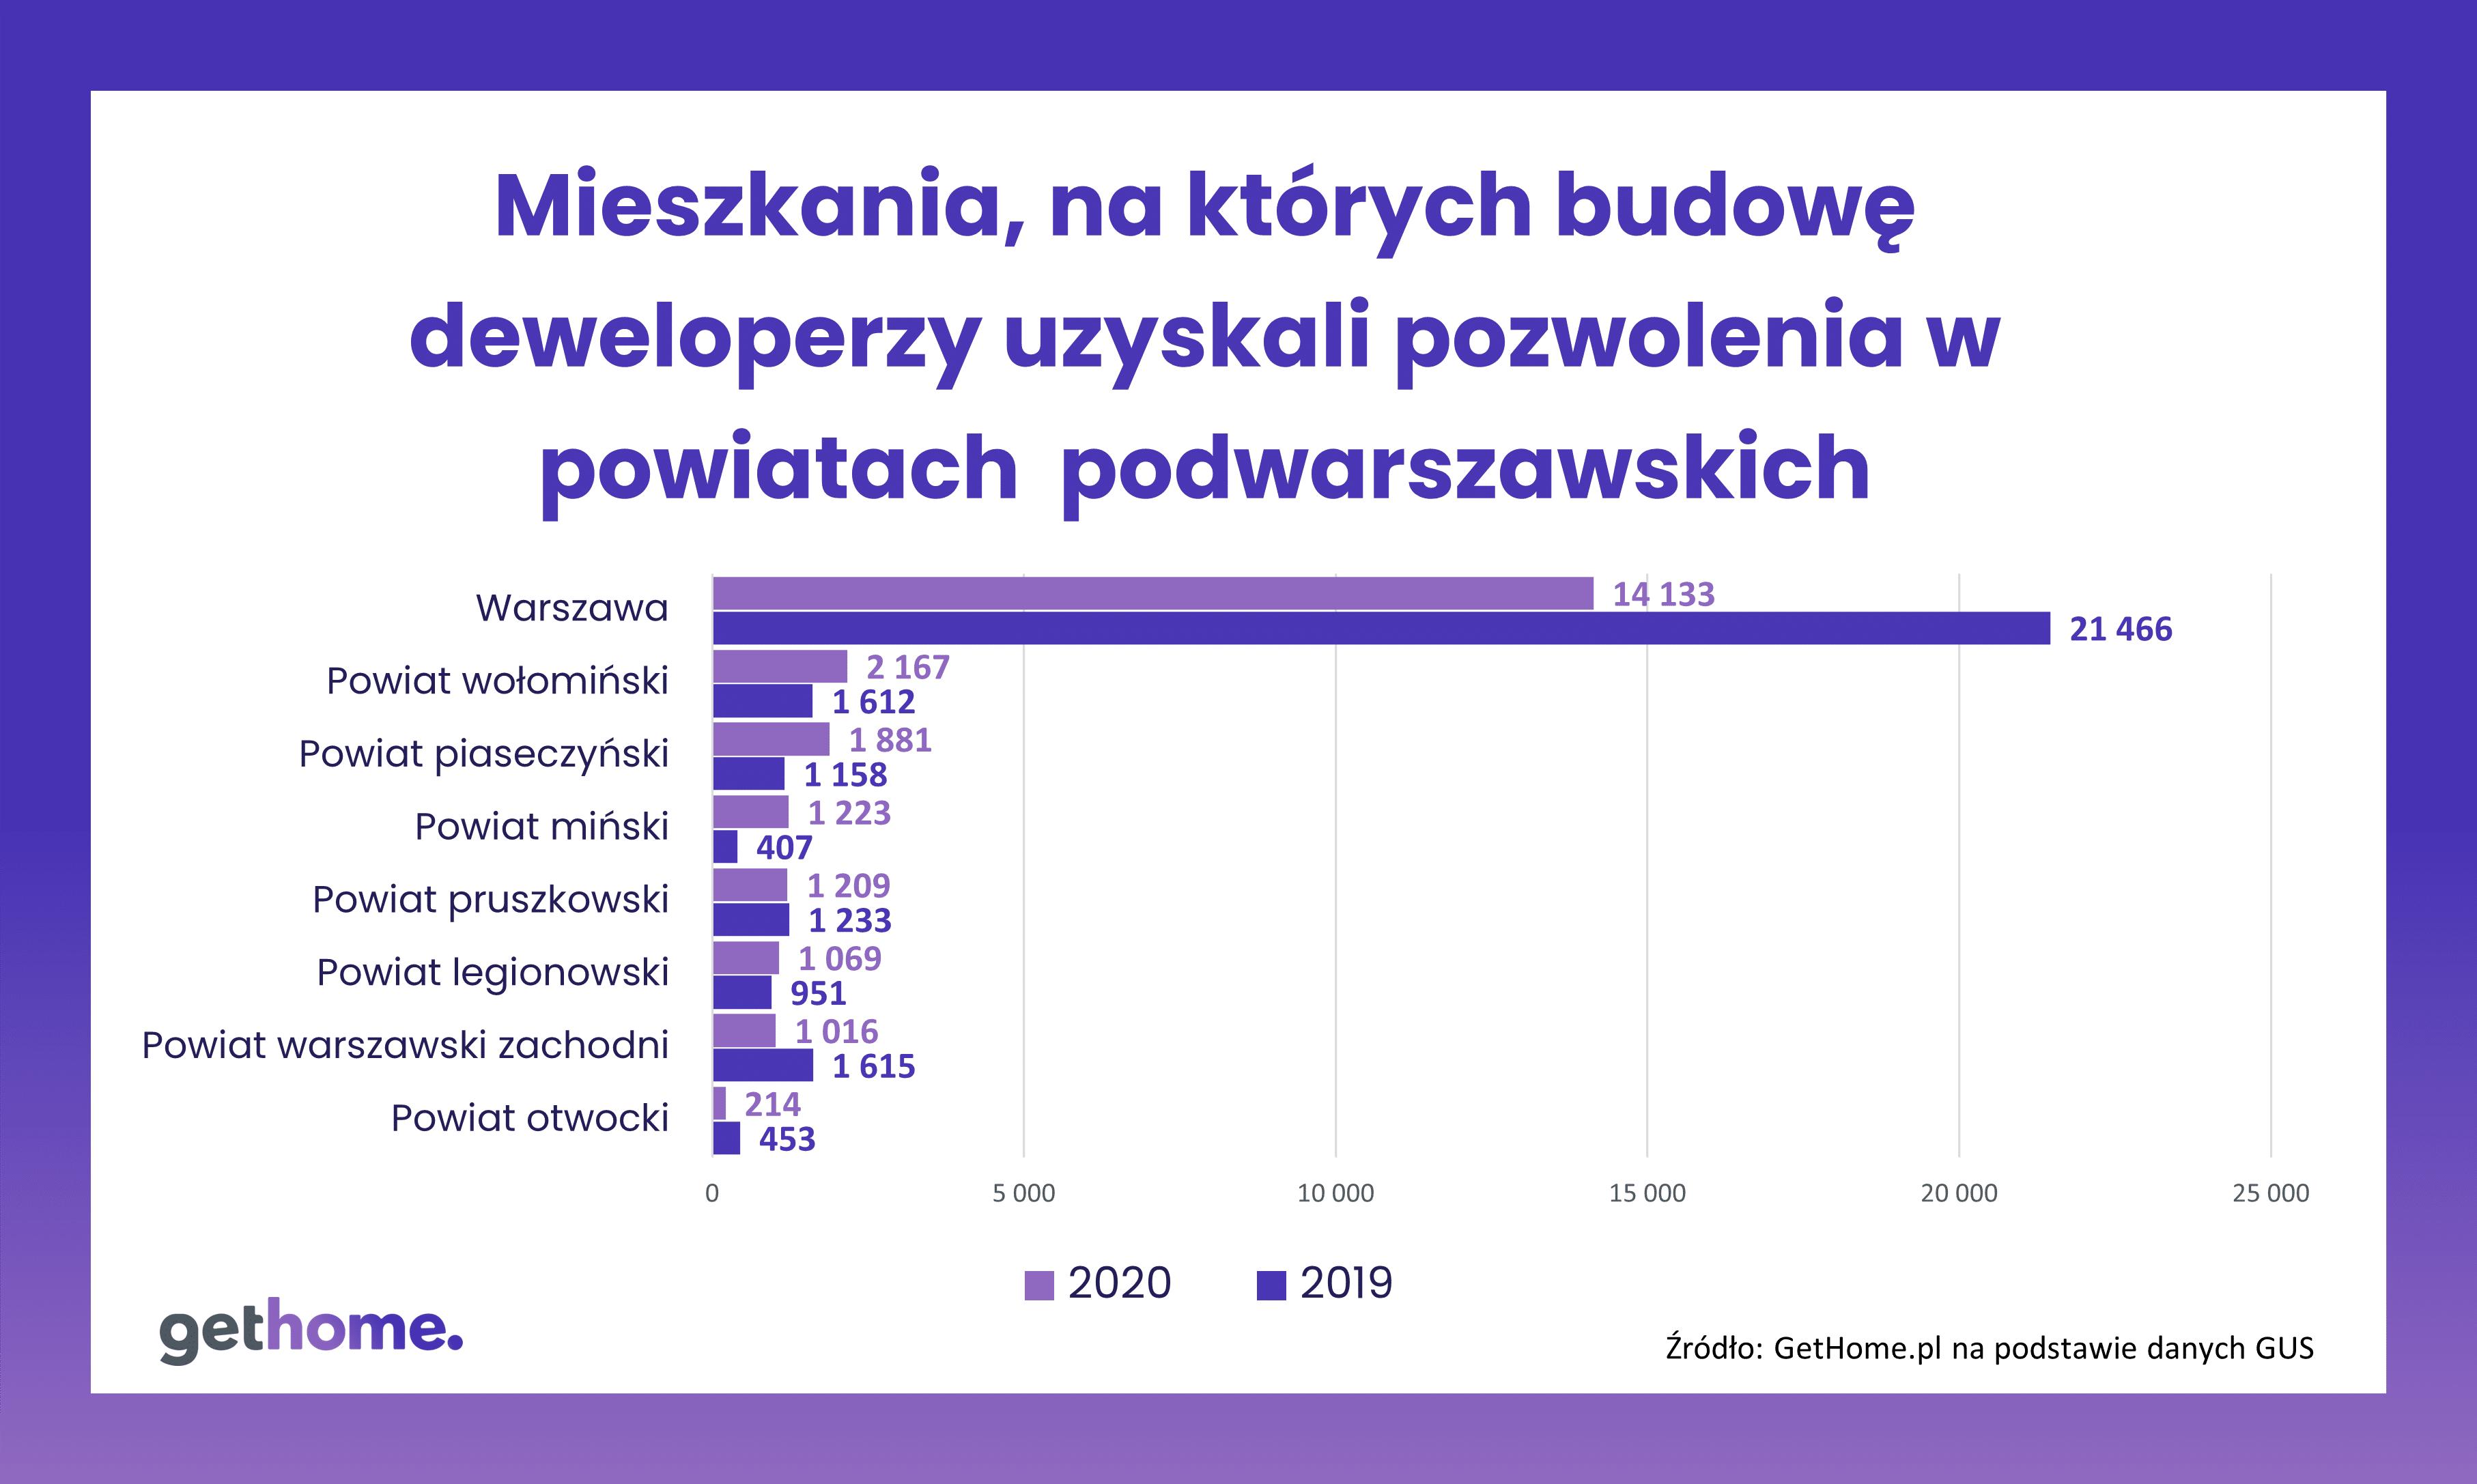 Pozwolenia-deweloperzy-powiaty